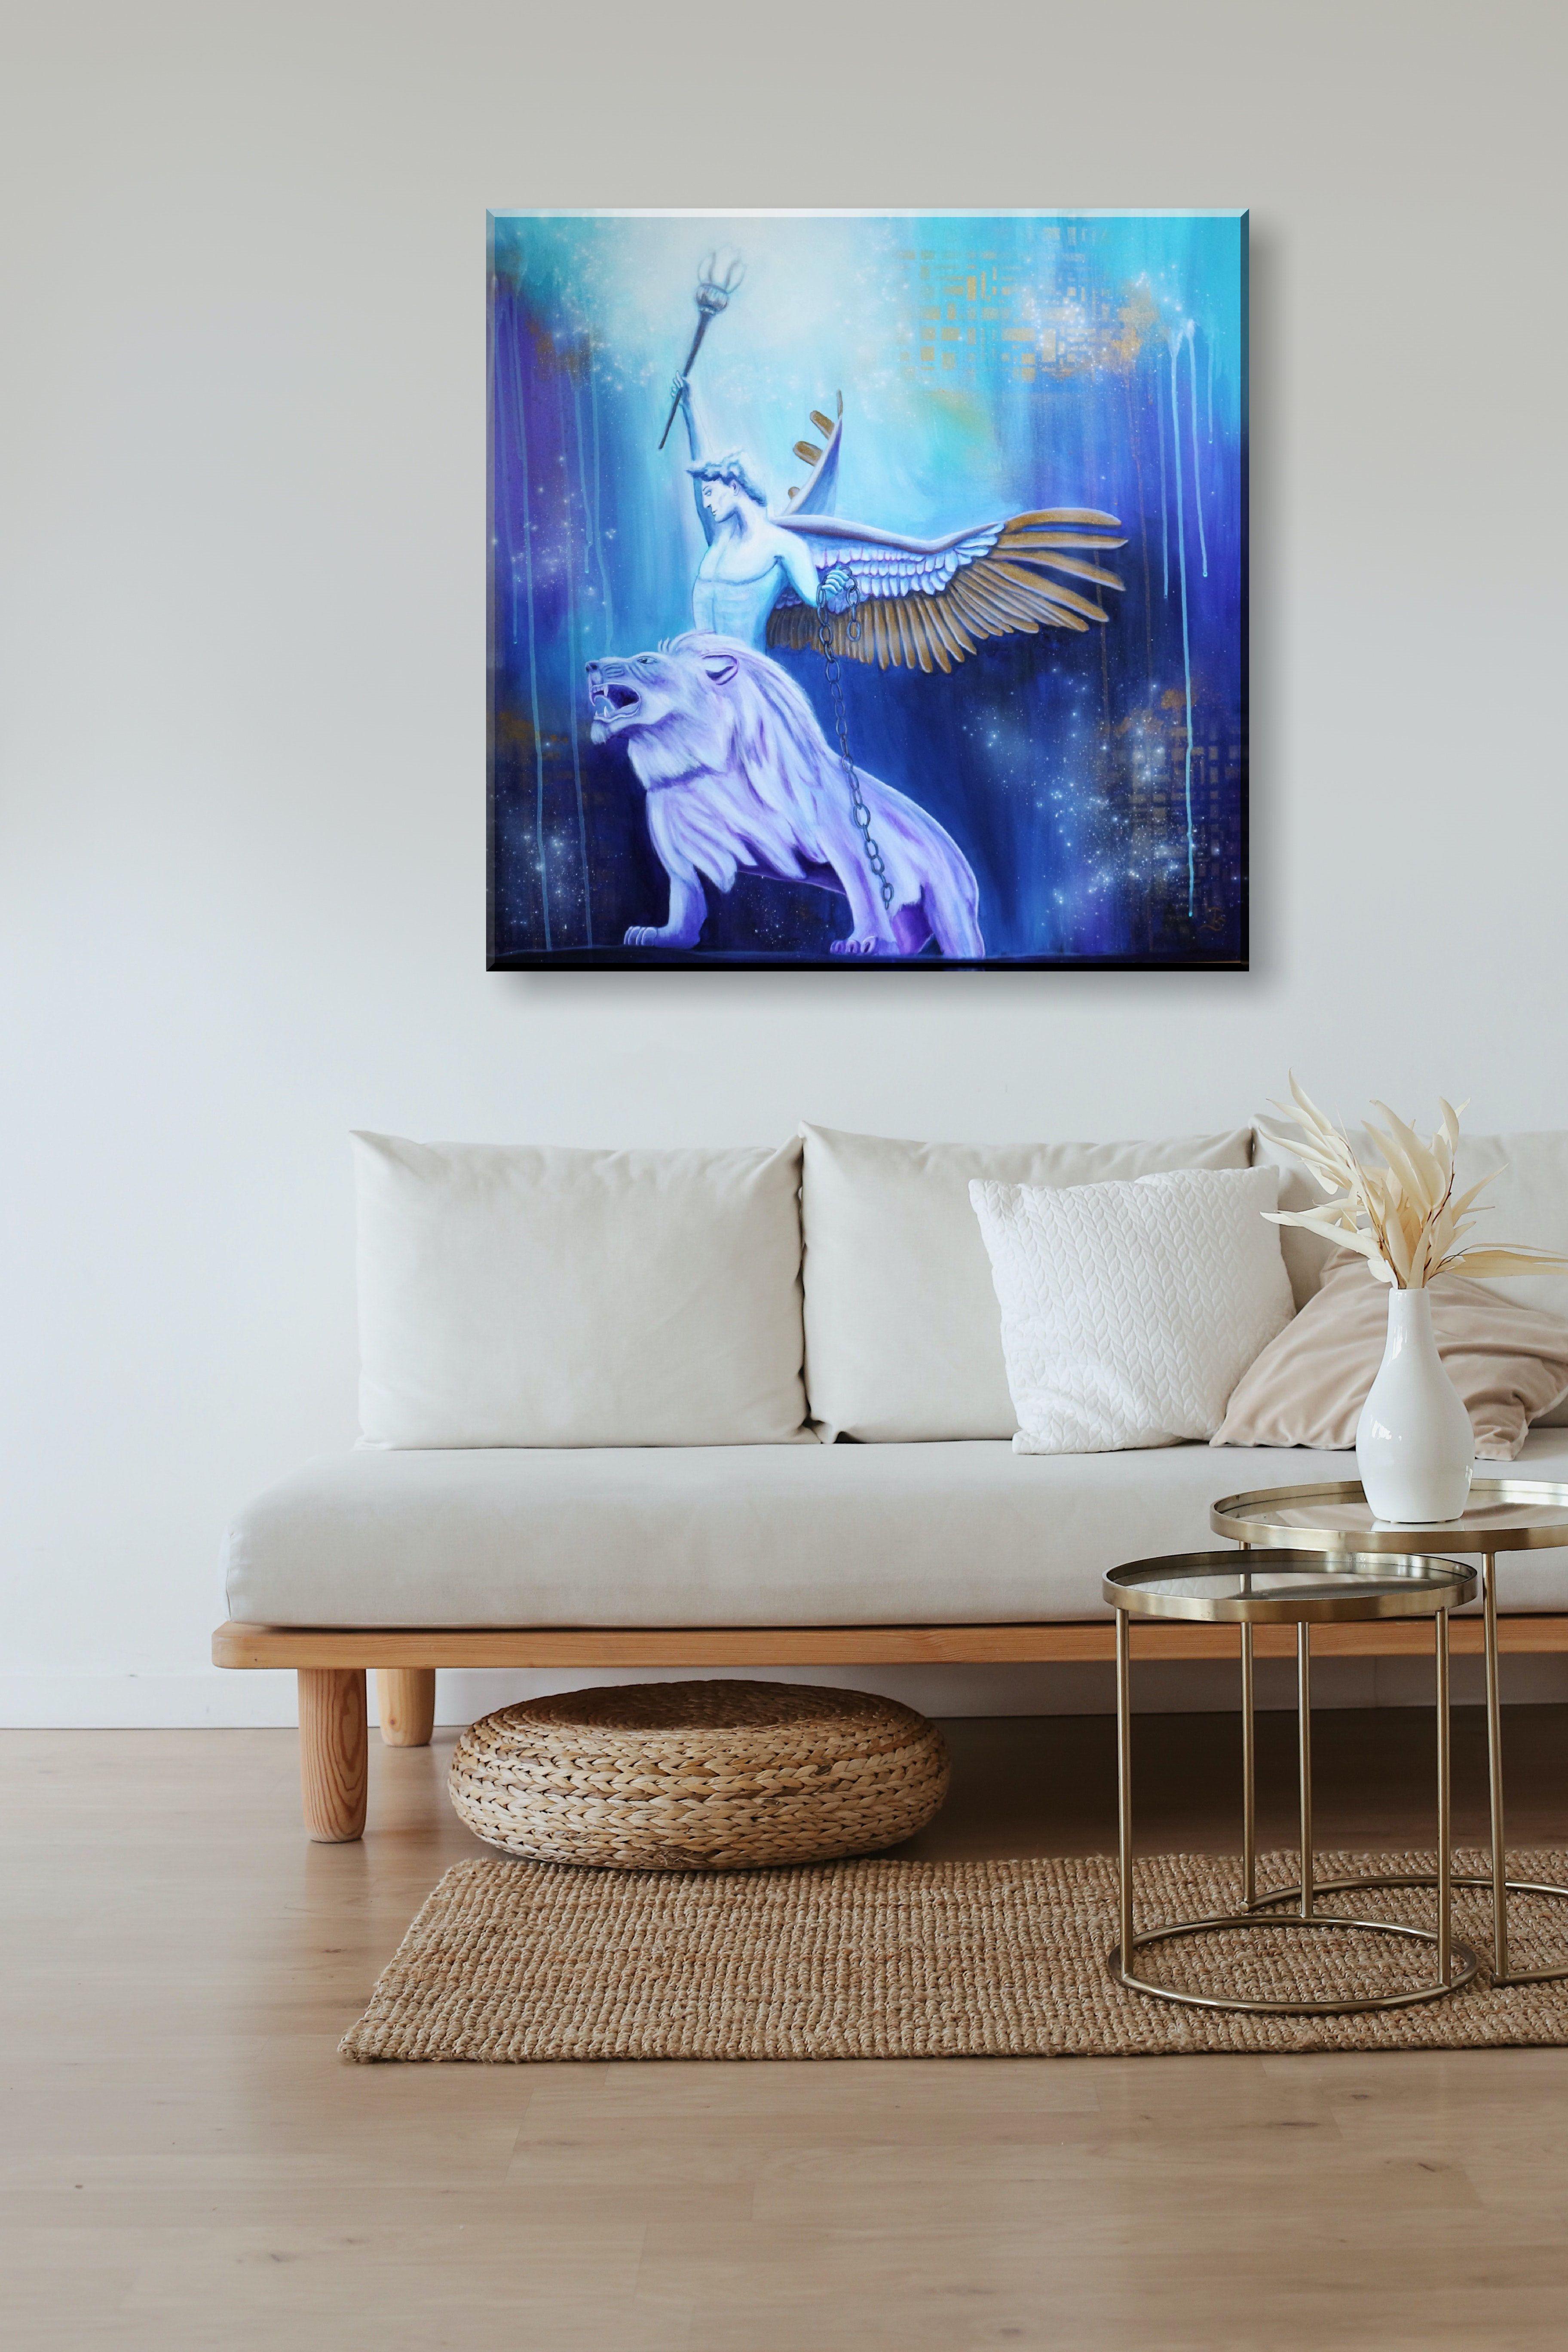 original engel gemalde auf leinwand 80x80 cm modernes wandbild mit lowe in 2020 angel art painting wall meinxxl drucken lassen